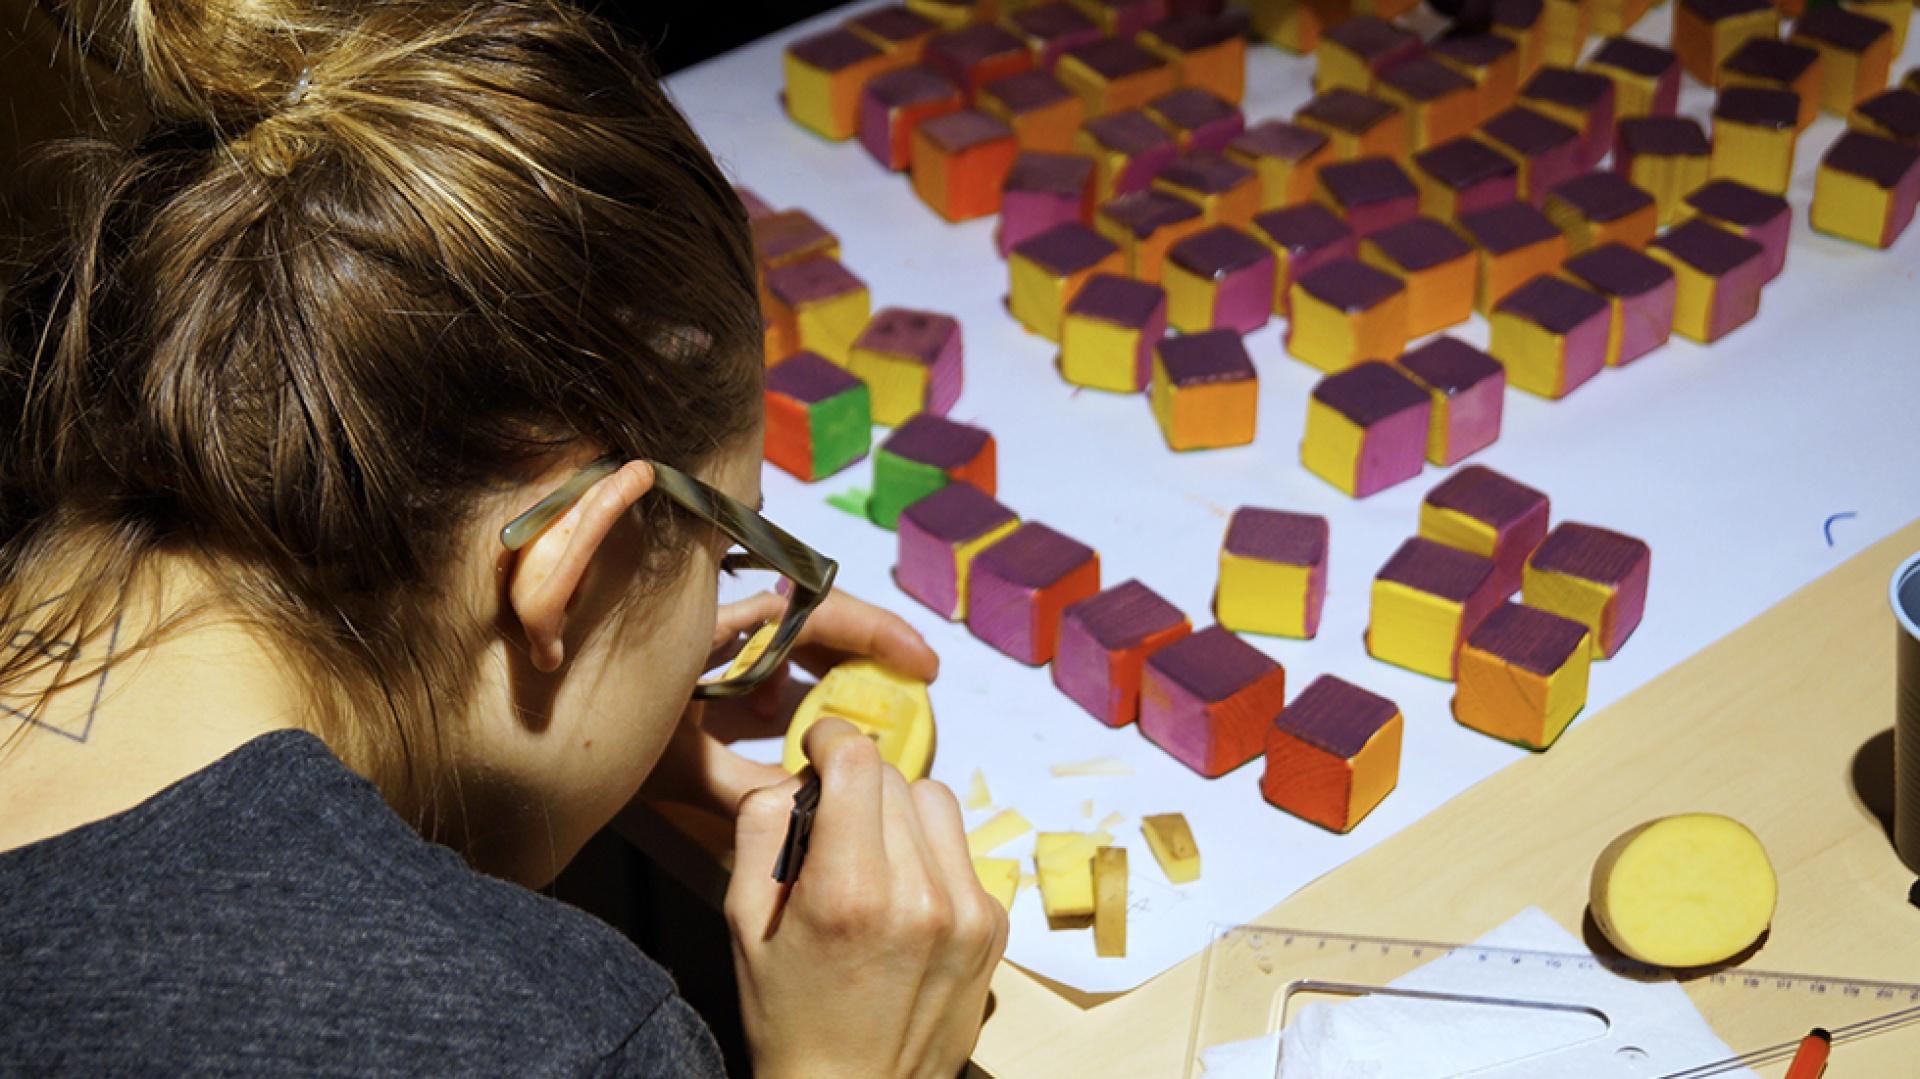 Na warsztaty zaprasza się wszystkich słuchaczy studiów artystycznych oraz technicznych z Europy i nie tylko. Fot. Materiały prasowe